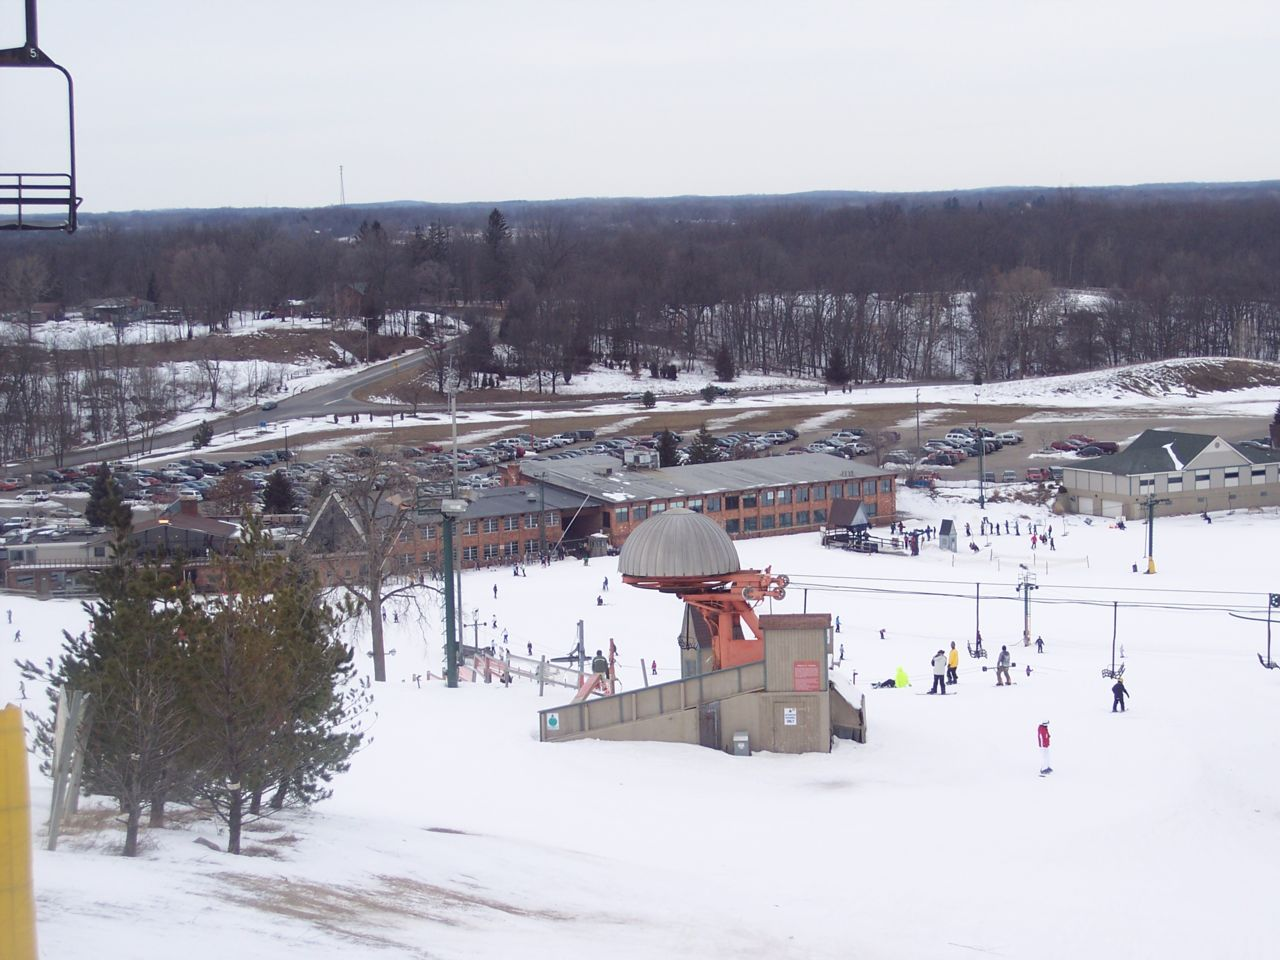 michigan ski resort injury lawsuits